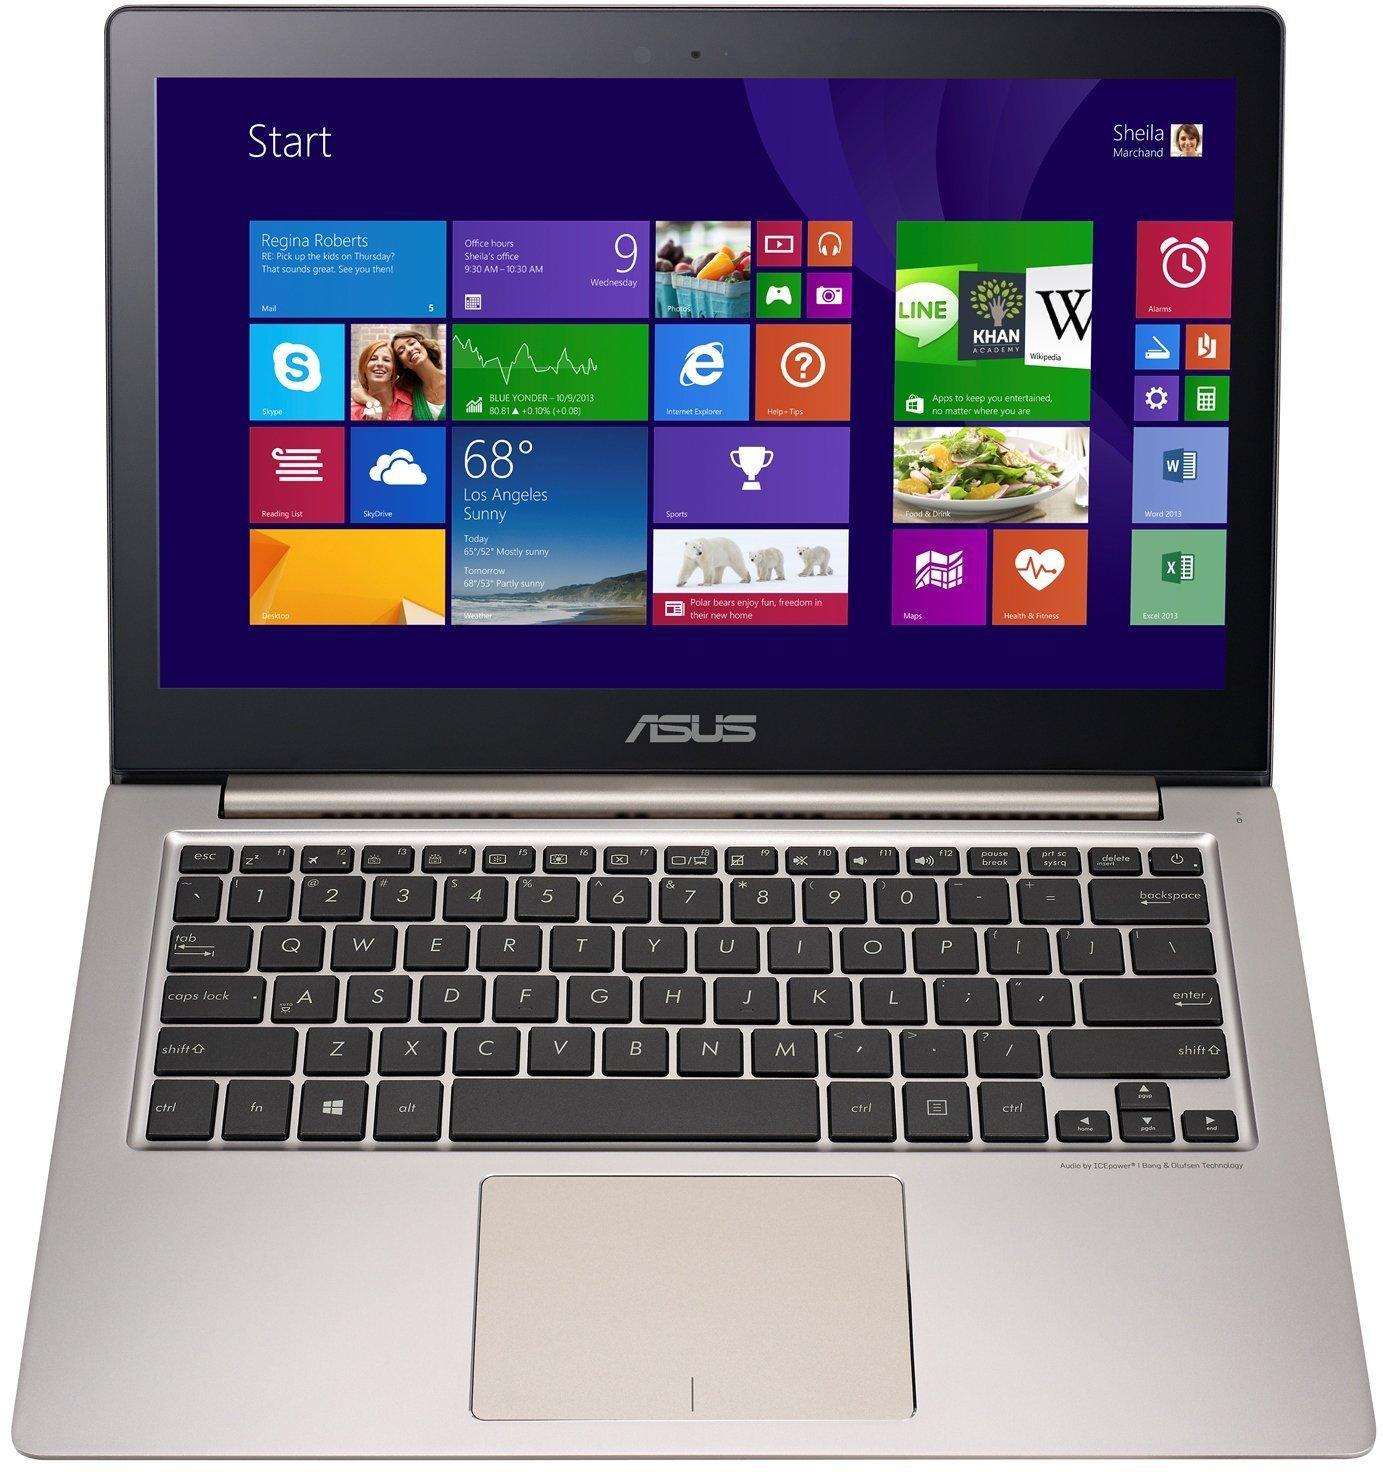 """PC Portable 13.3"""" Asus UX303LB-R4060H - Intel i7-5500U, 8 Go de RAM, 128 Go SSD, Geforce GT 940M - Clavier QWERTZ"""